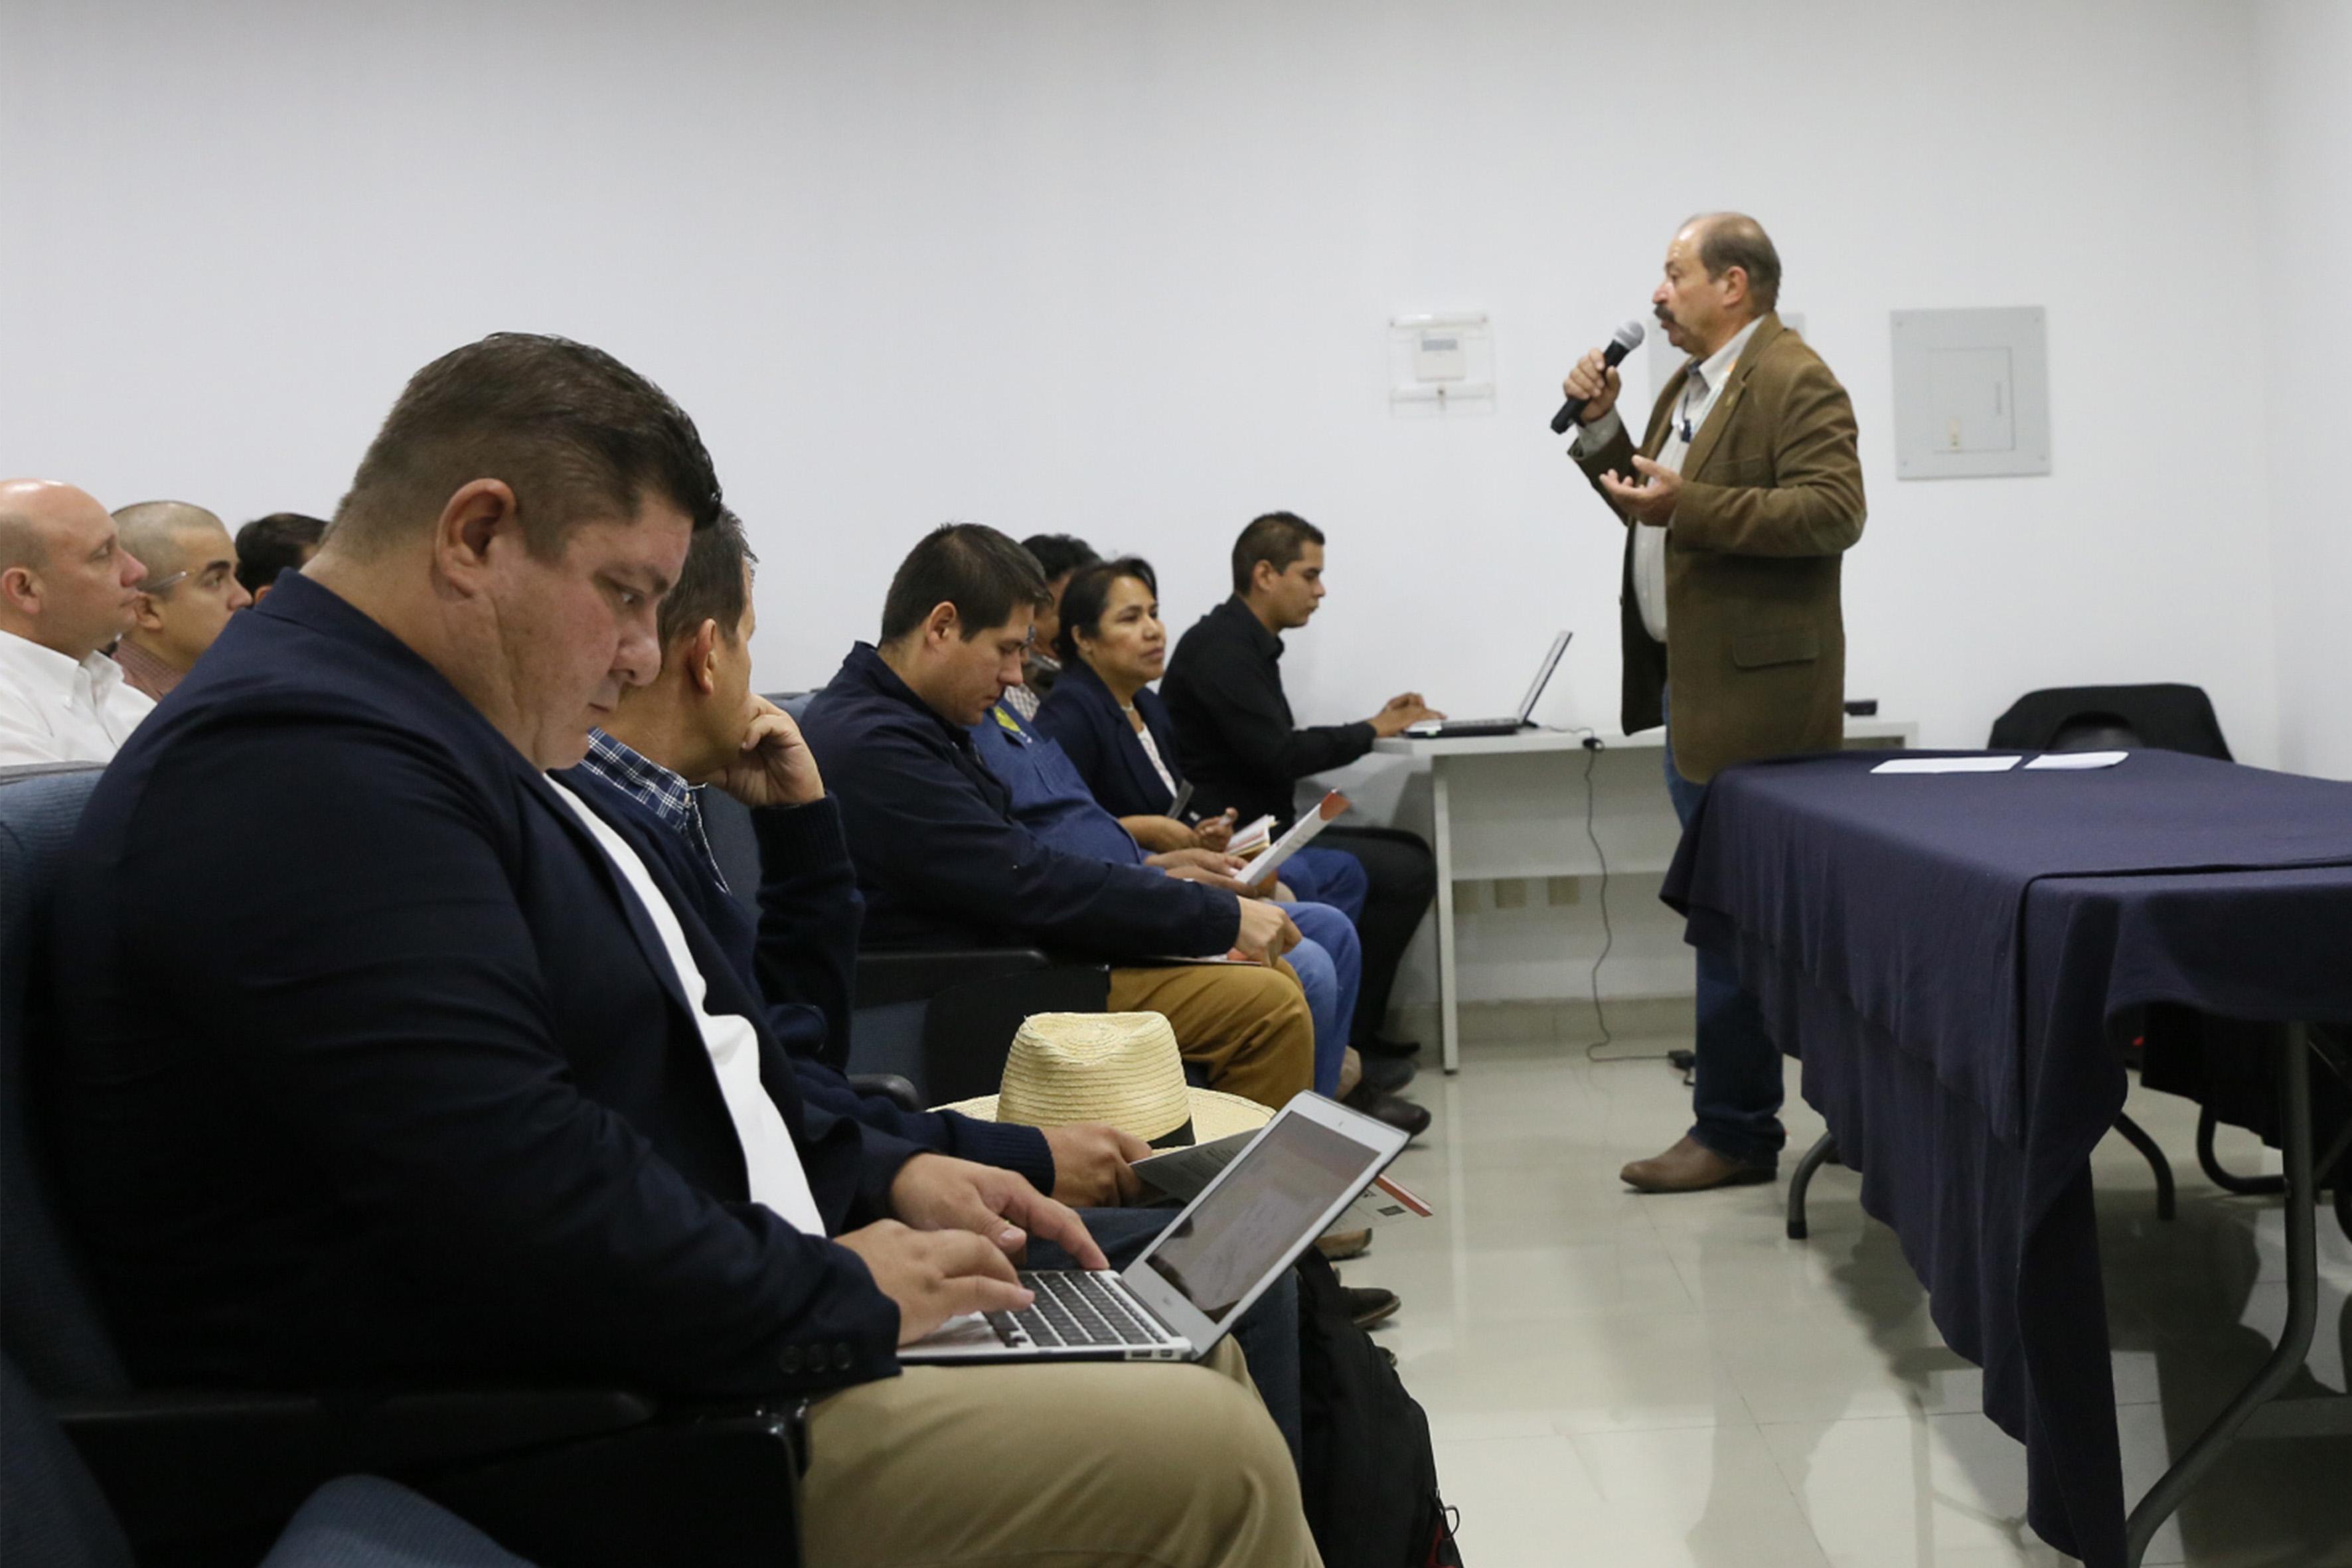 Académico del CUCBA, José Sánchez Martínez, con micrófono en mano haciendo uso de la palabra.